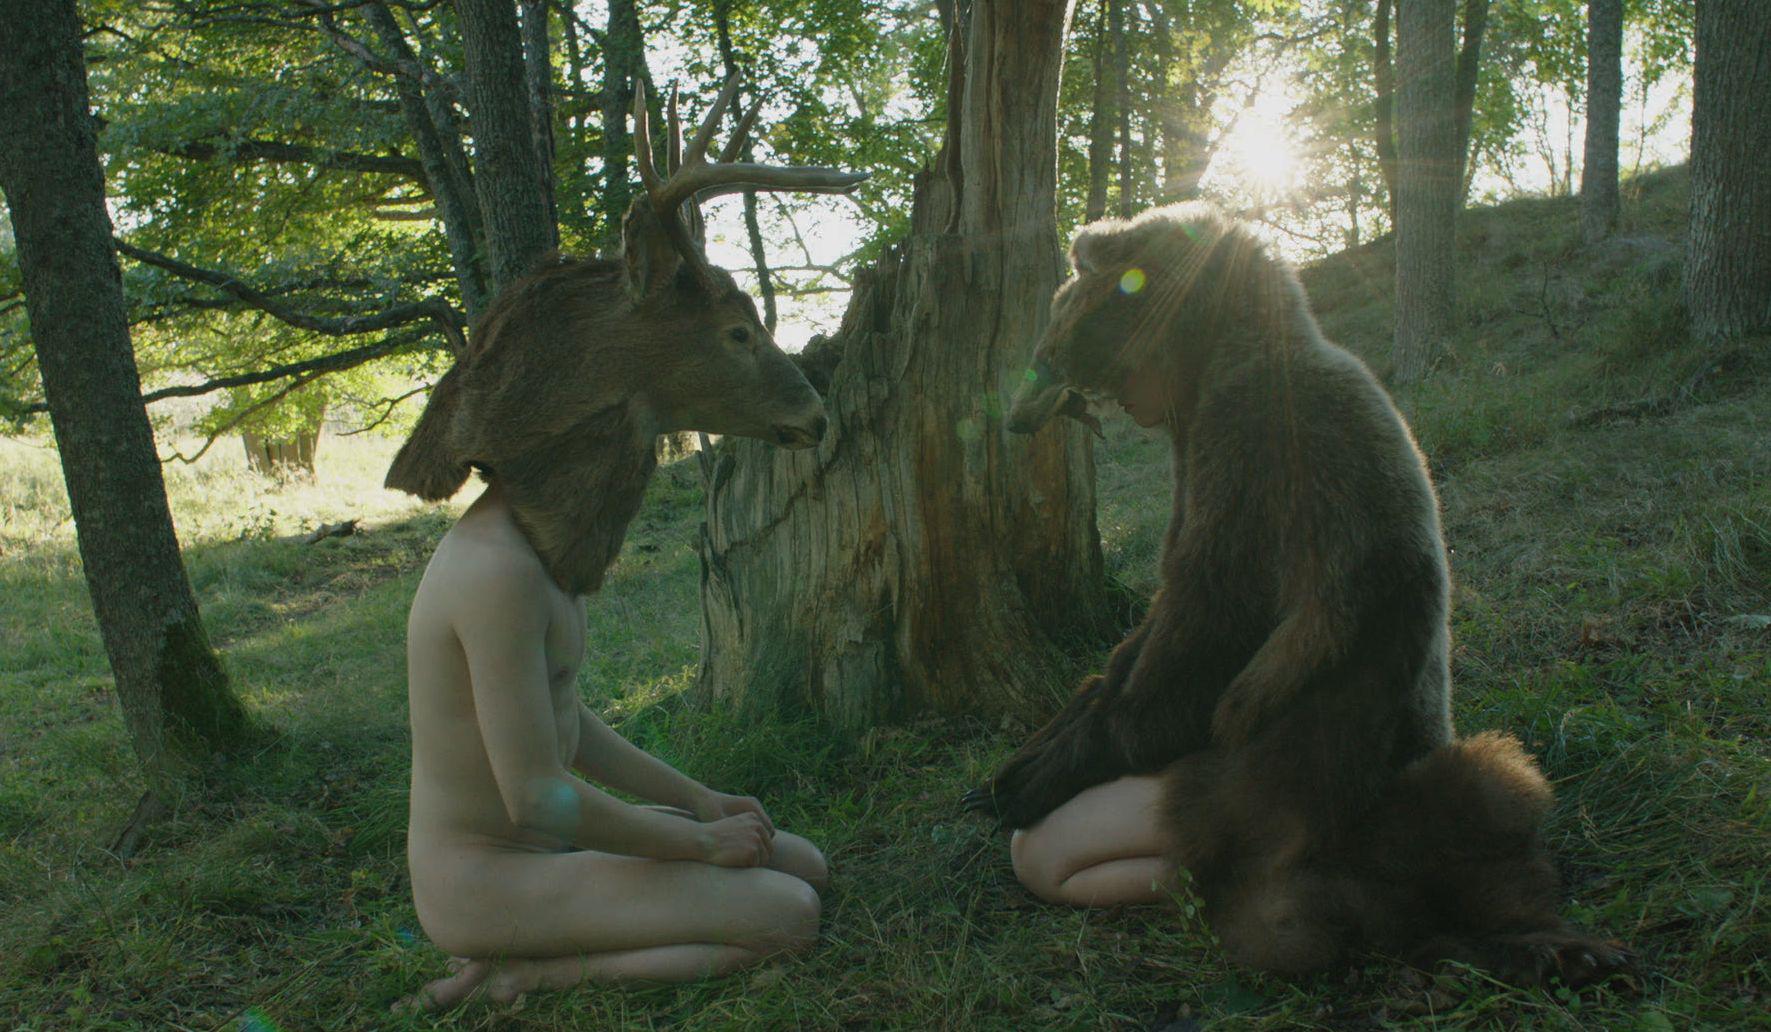 They Have Escaped: un singolare dialogo tra Roosa Söderholm e Teppo Manner nel film di J.-P. Valkeapää